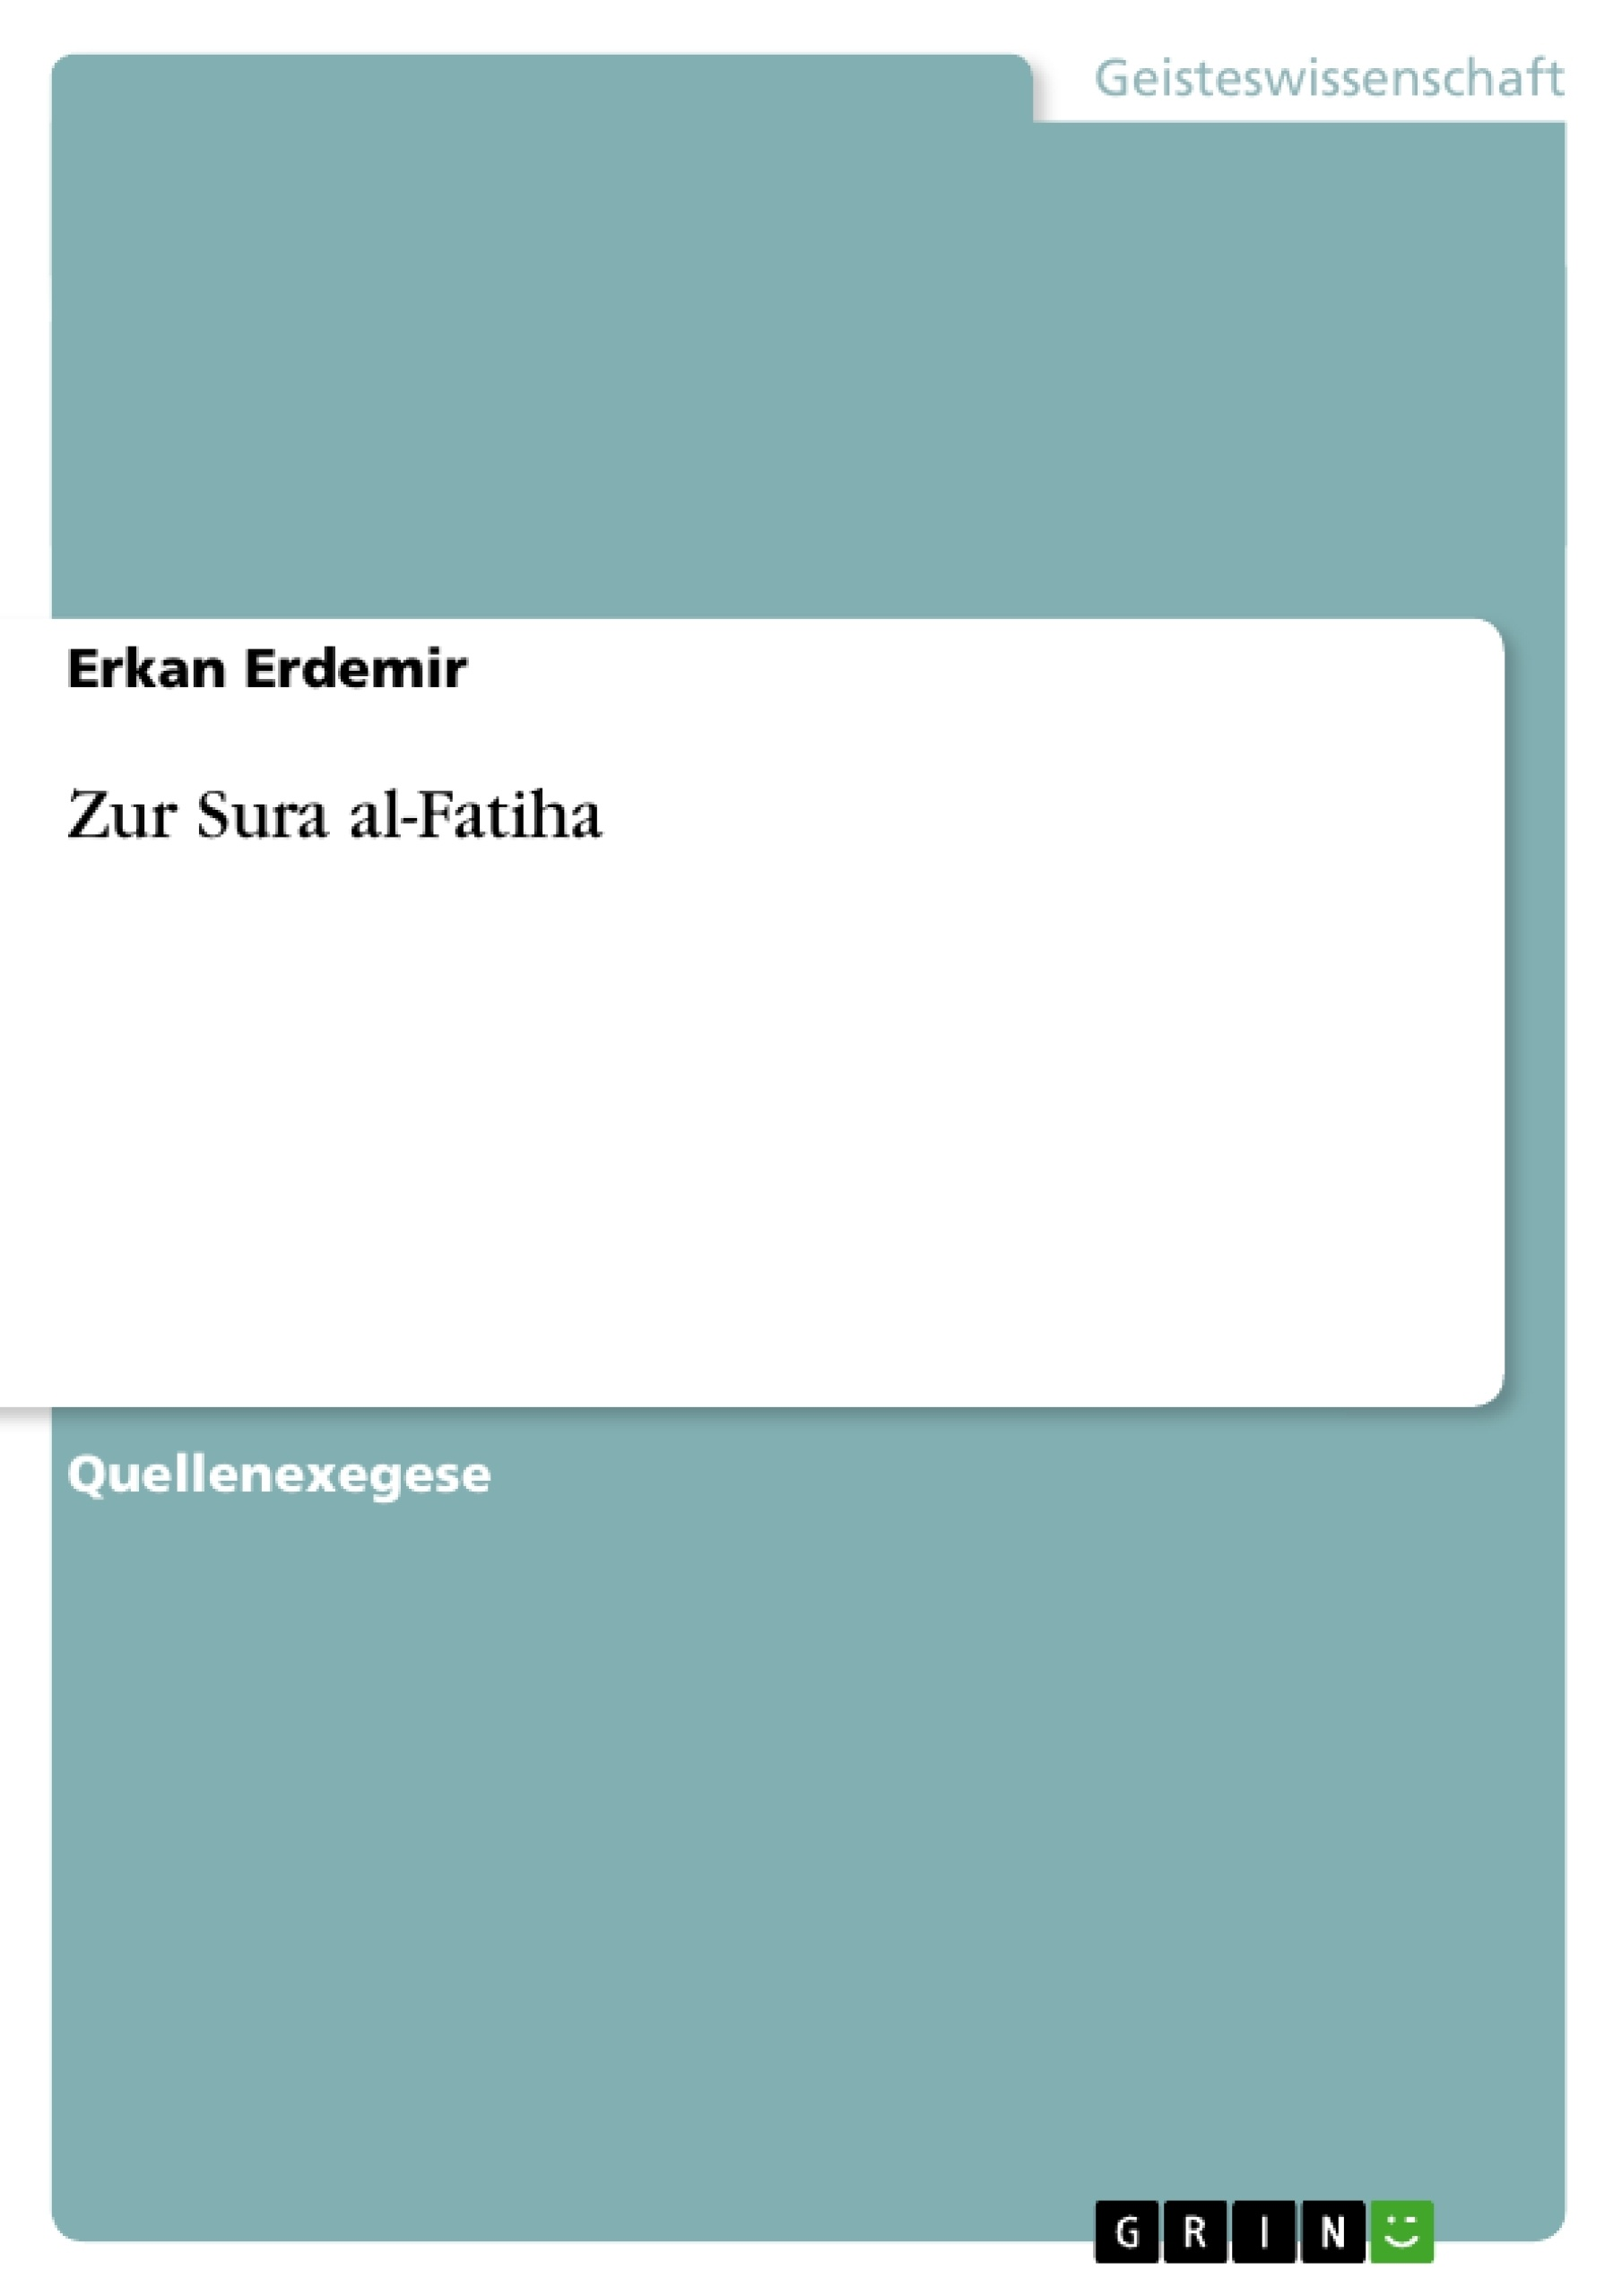 Titel: Zur Sura al-Fatiha